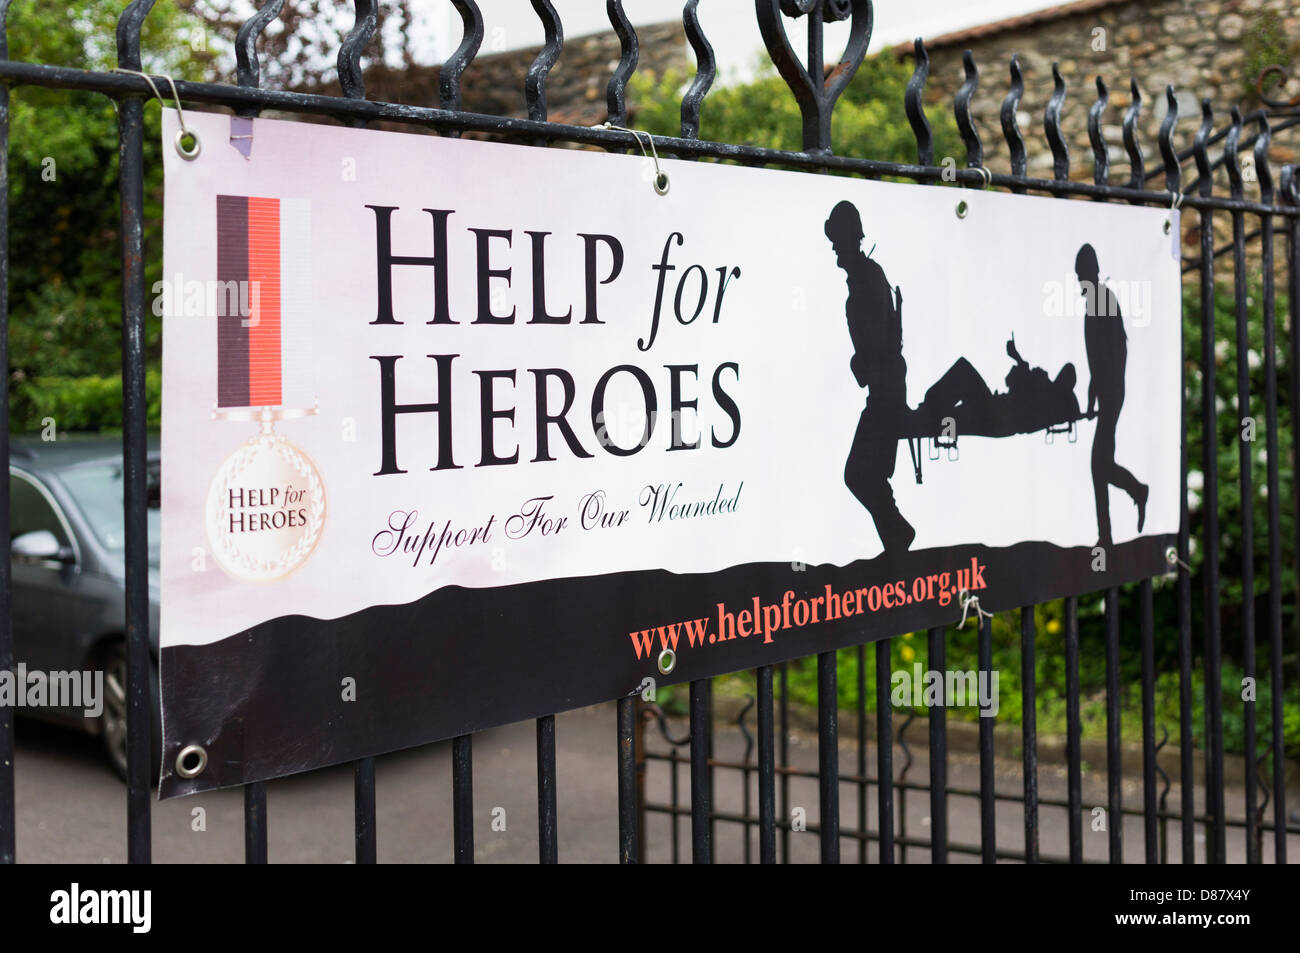 Hilfe für Helden Nächstenliebe Banner, UK Stockbild